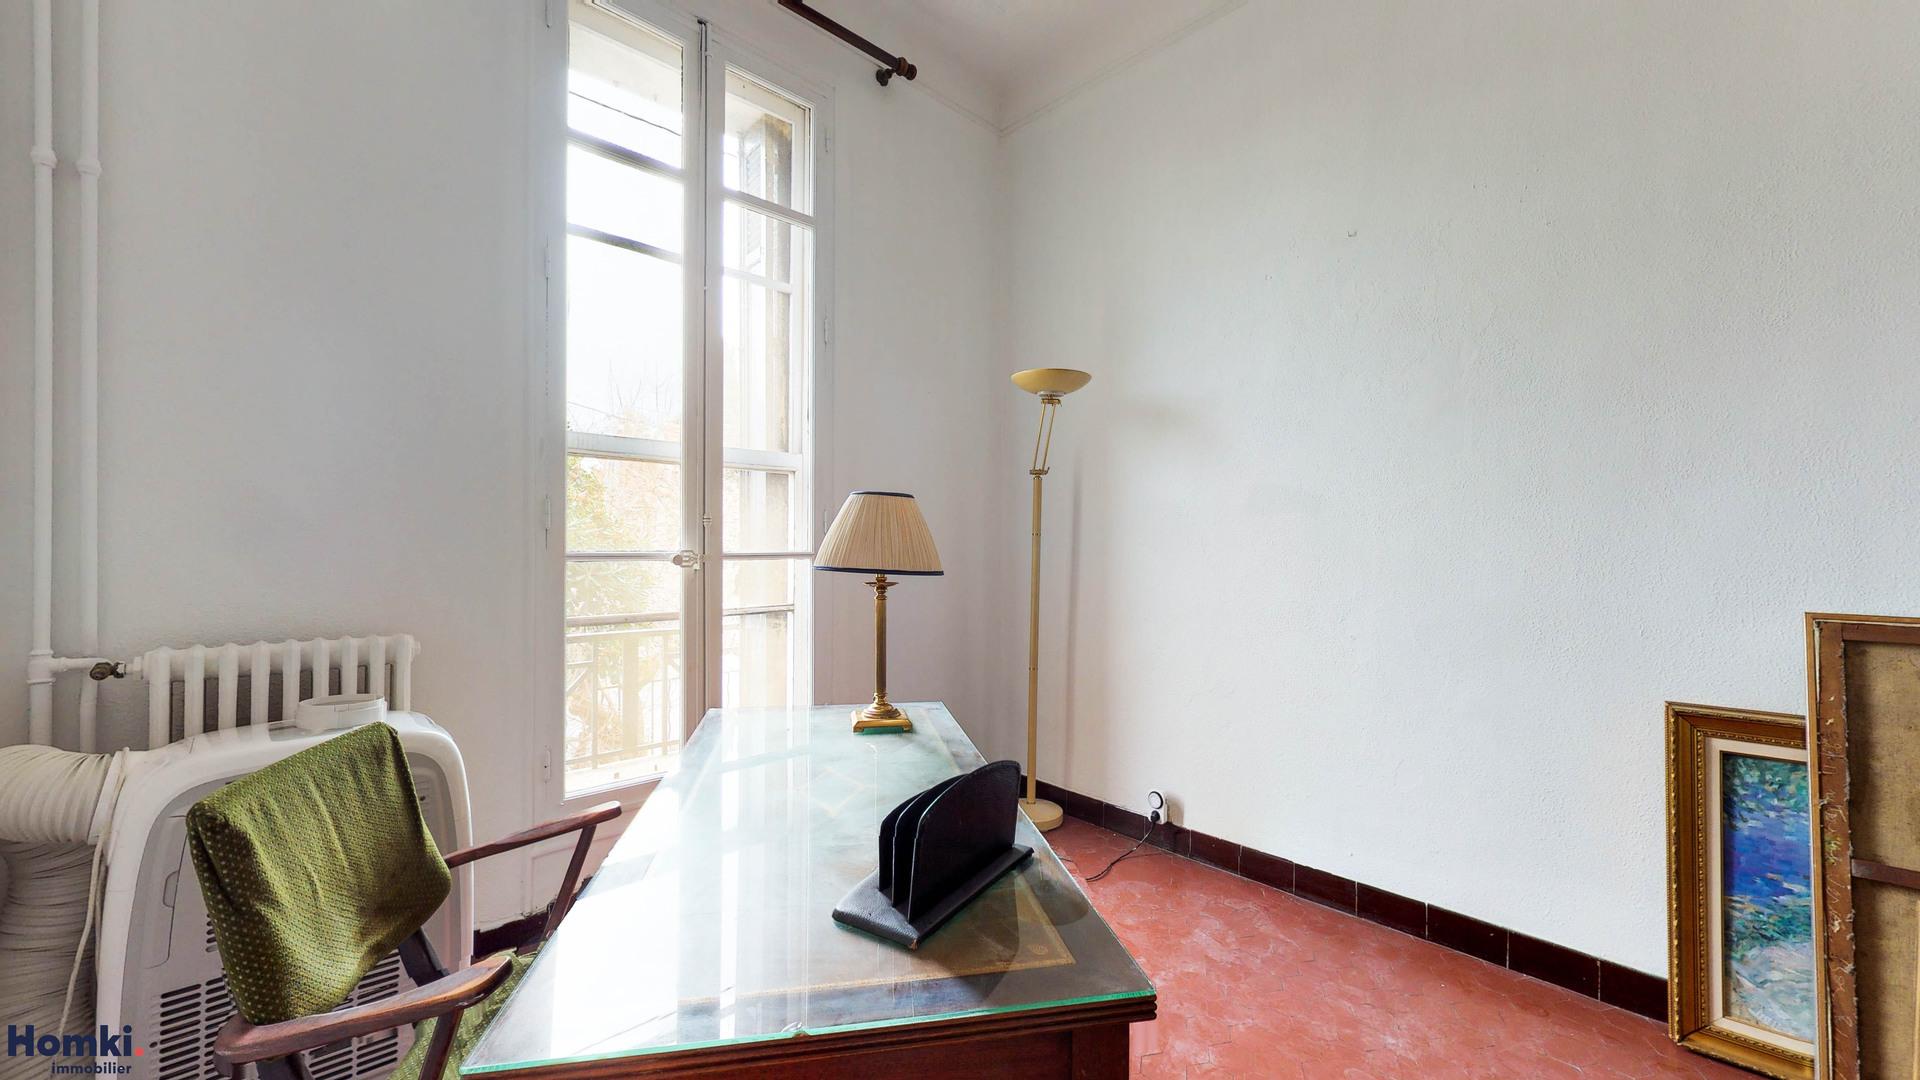 Vente Maison 179 m² T10 13008_5